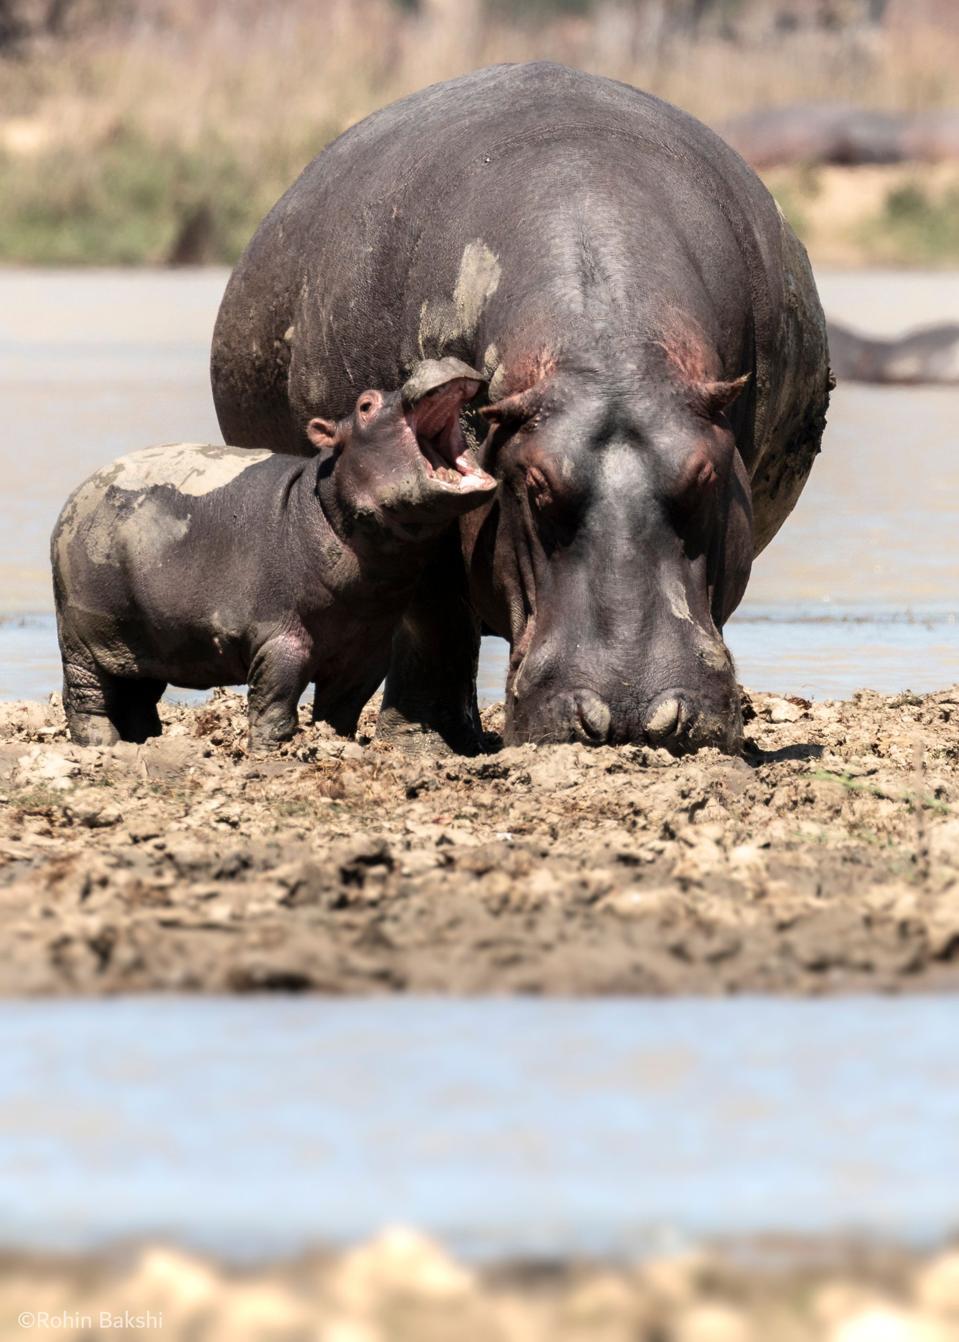 Bebé hipopótamo con su madre.